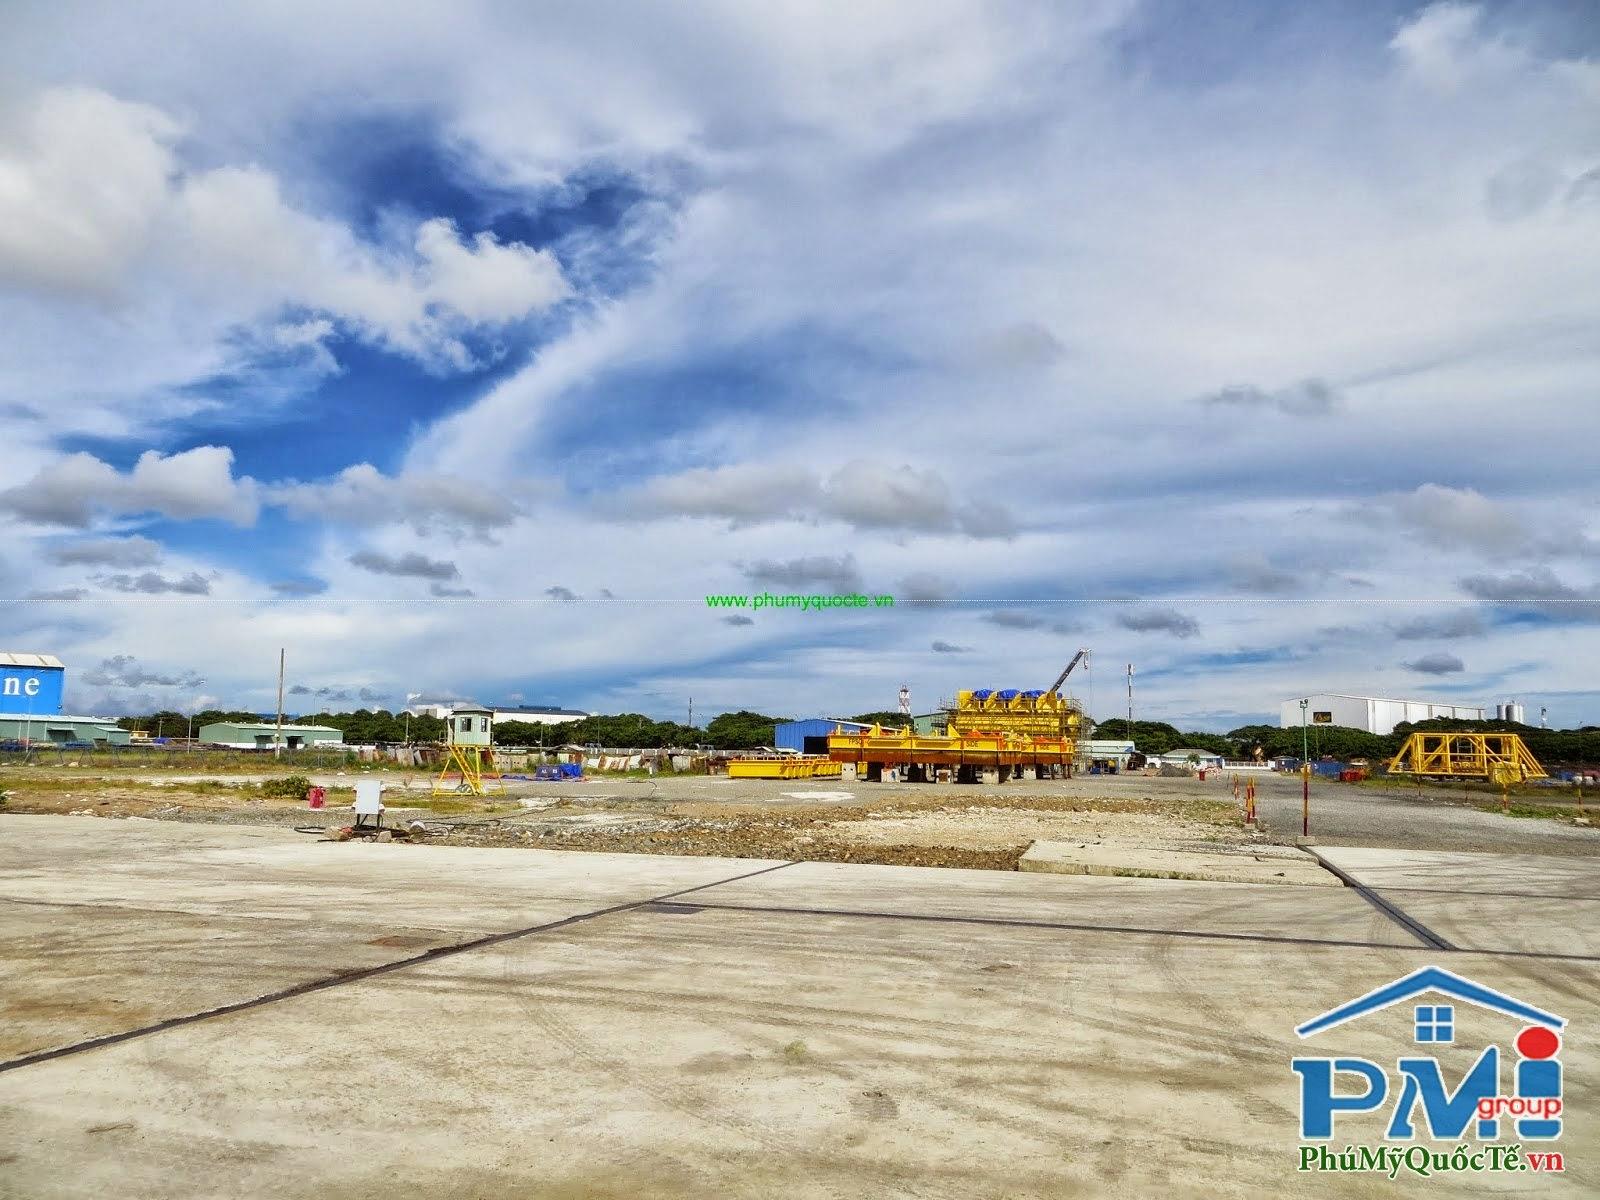 Mặt Bằng Cảng Cho Thuê Từ 1000 - 5000 m2